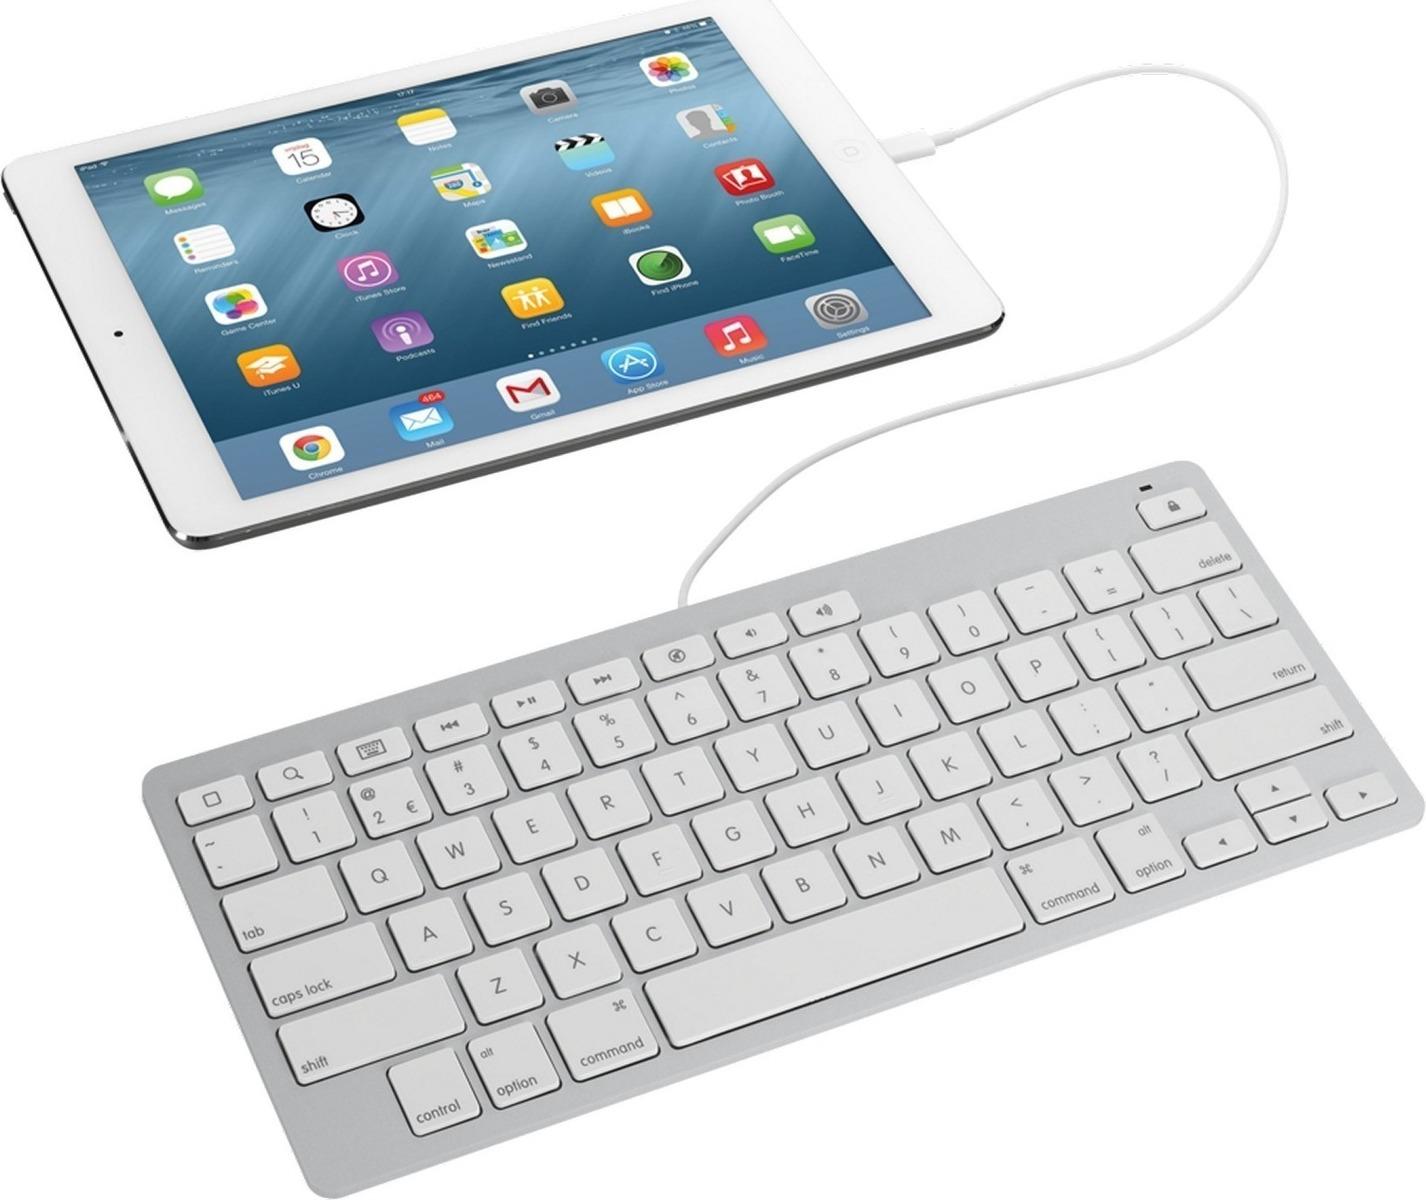 μπορώ να συνδέσω ένα ποντίκι στο iPad mini μου